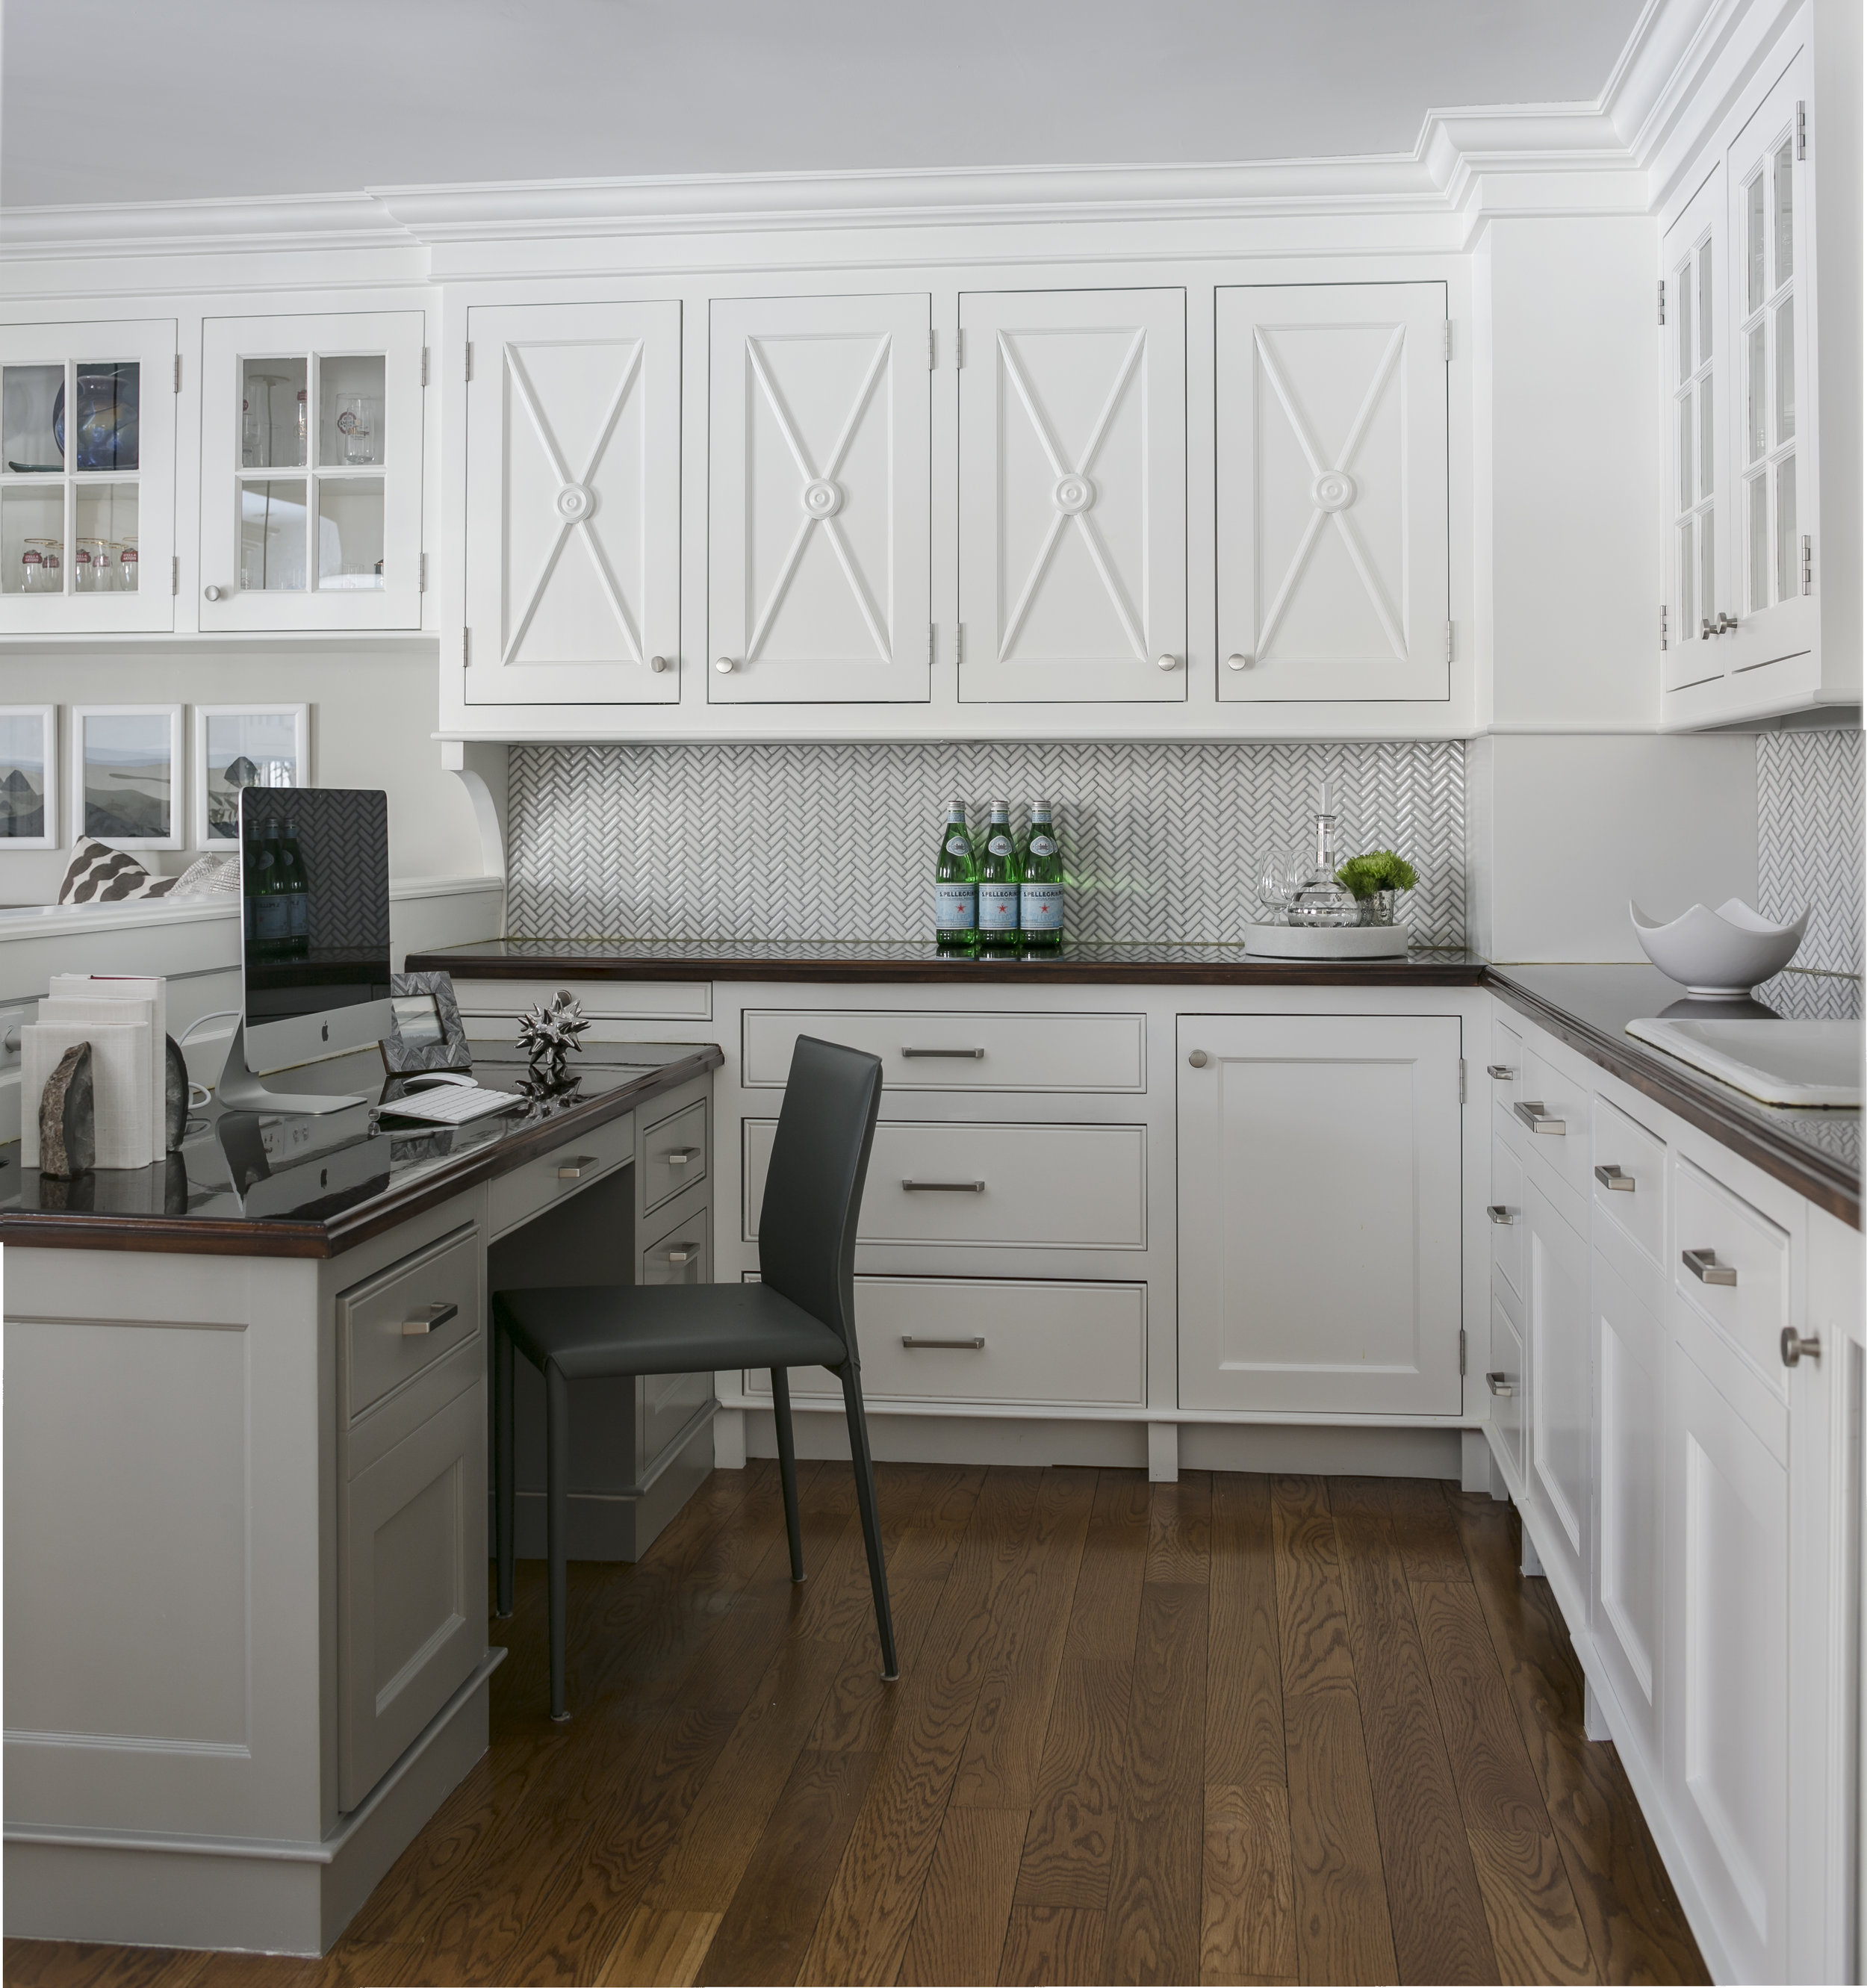 Fairfield Kitchen Butler pantry